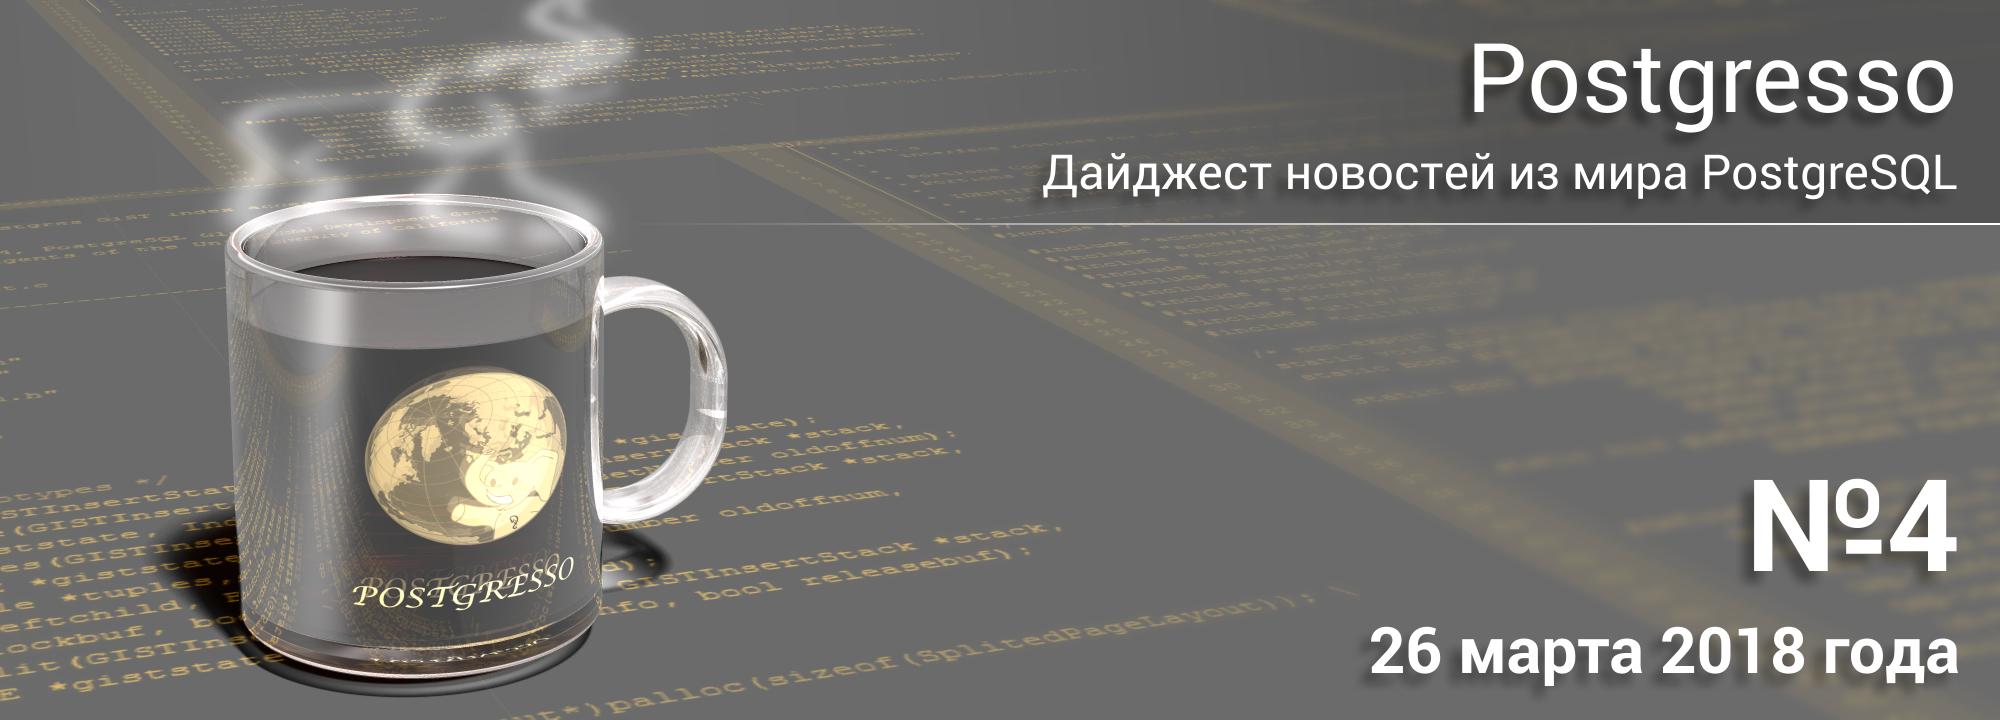 Дайджест новостей из мира PostgreSQL. Выпуск №4 - 1